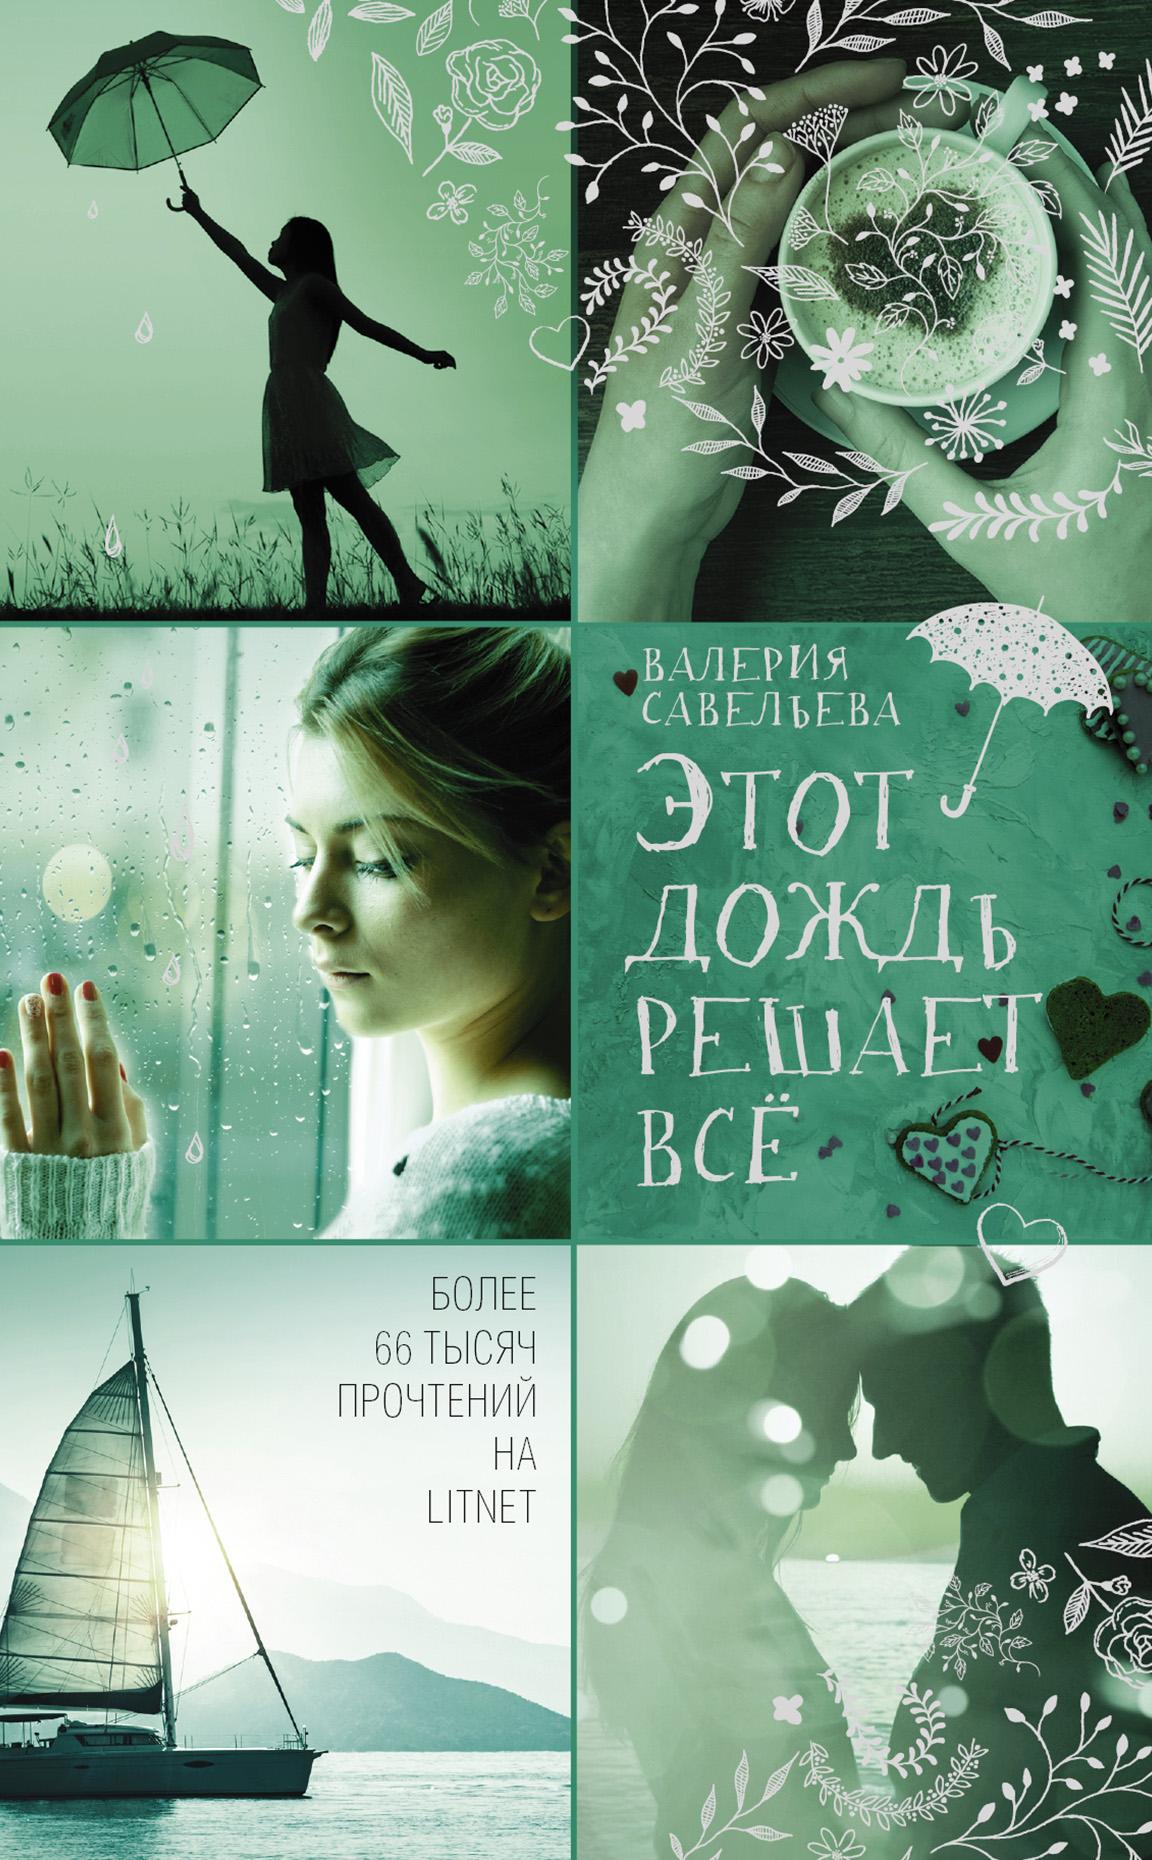 Валерия Савельева Этот дождь решает всё савельева в этот дождь решает всё